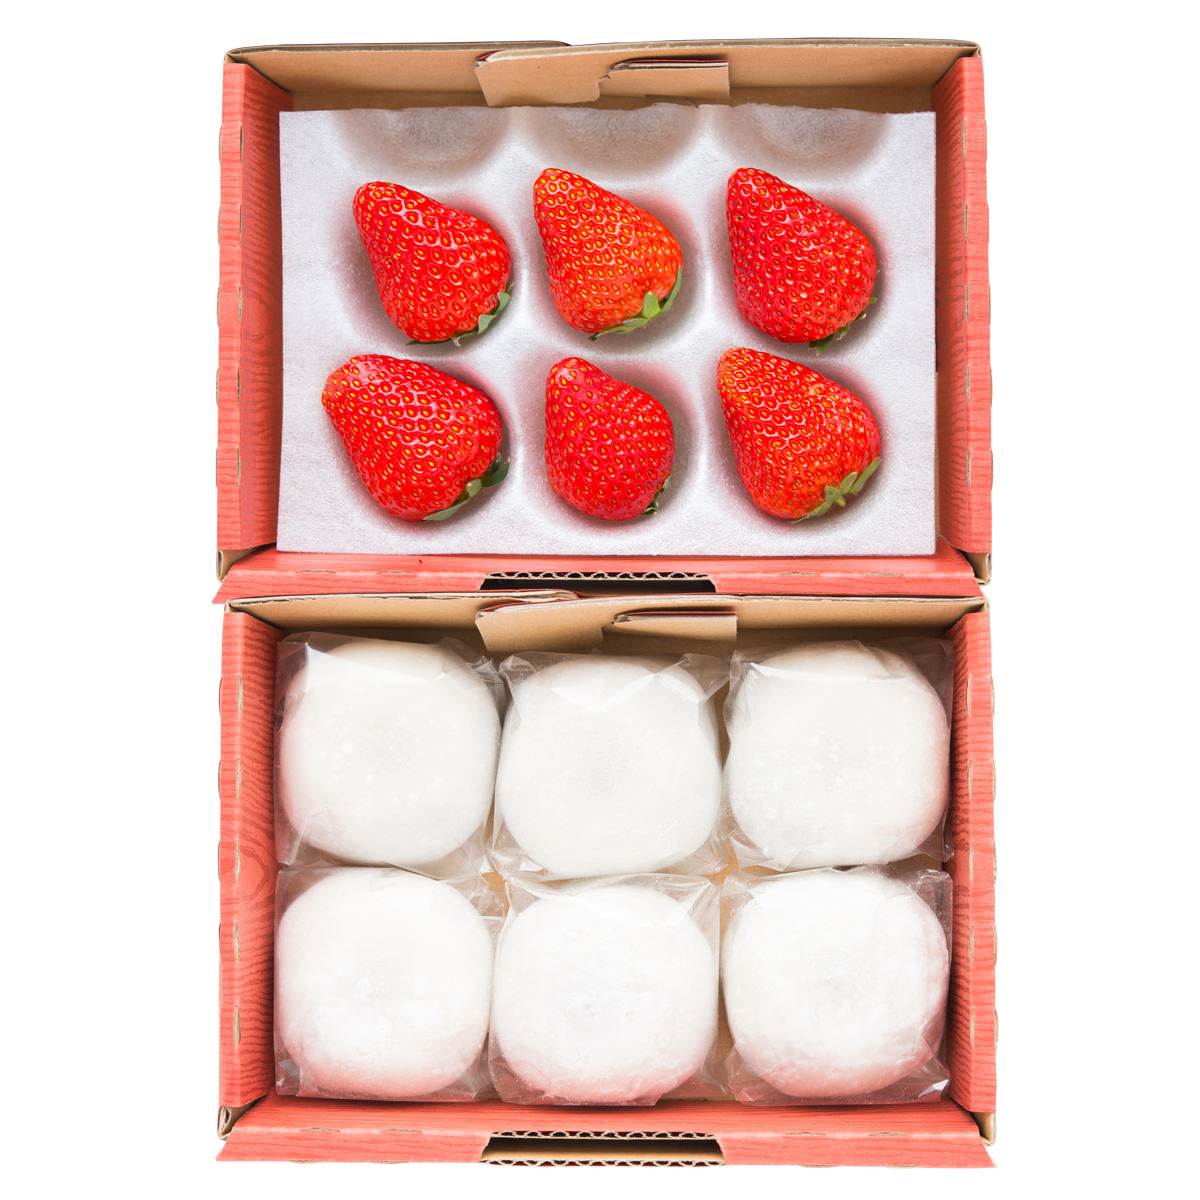 イチゴいちご大福6個セットいちごのしあわせ和菓子苺大福スイーツ農家直送愛知県産マーコ生菓子